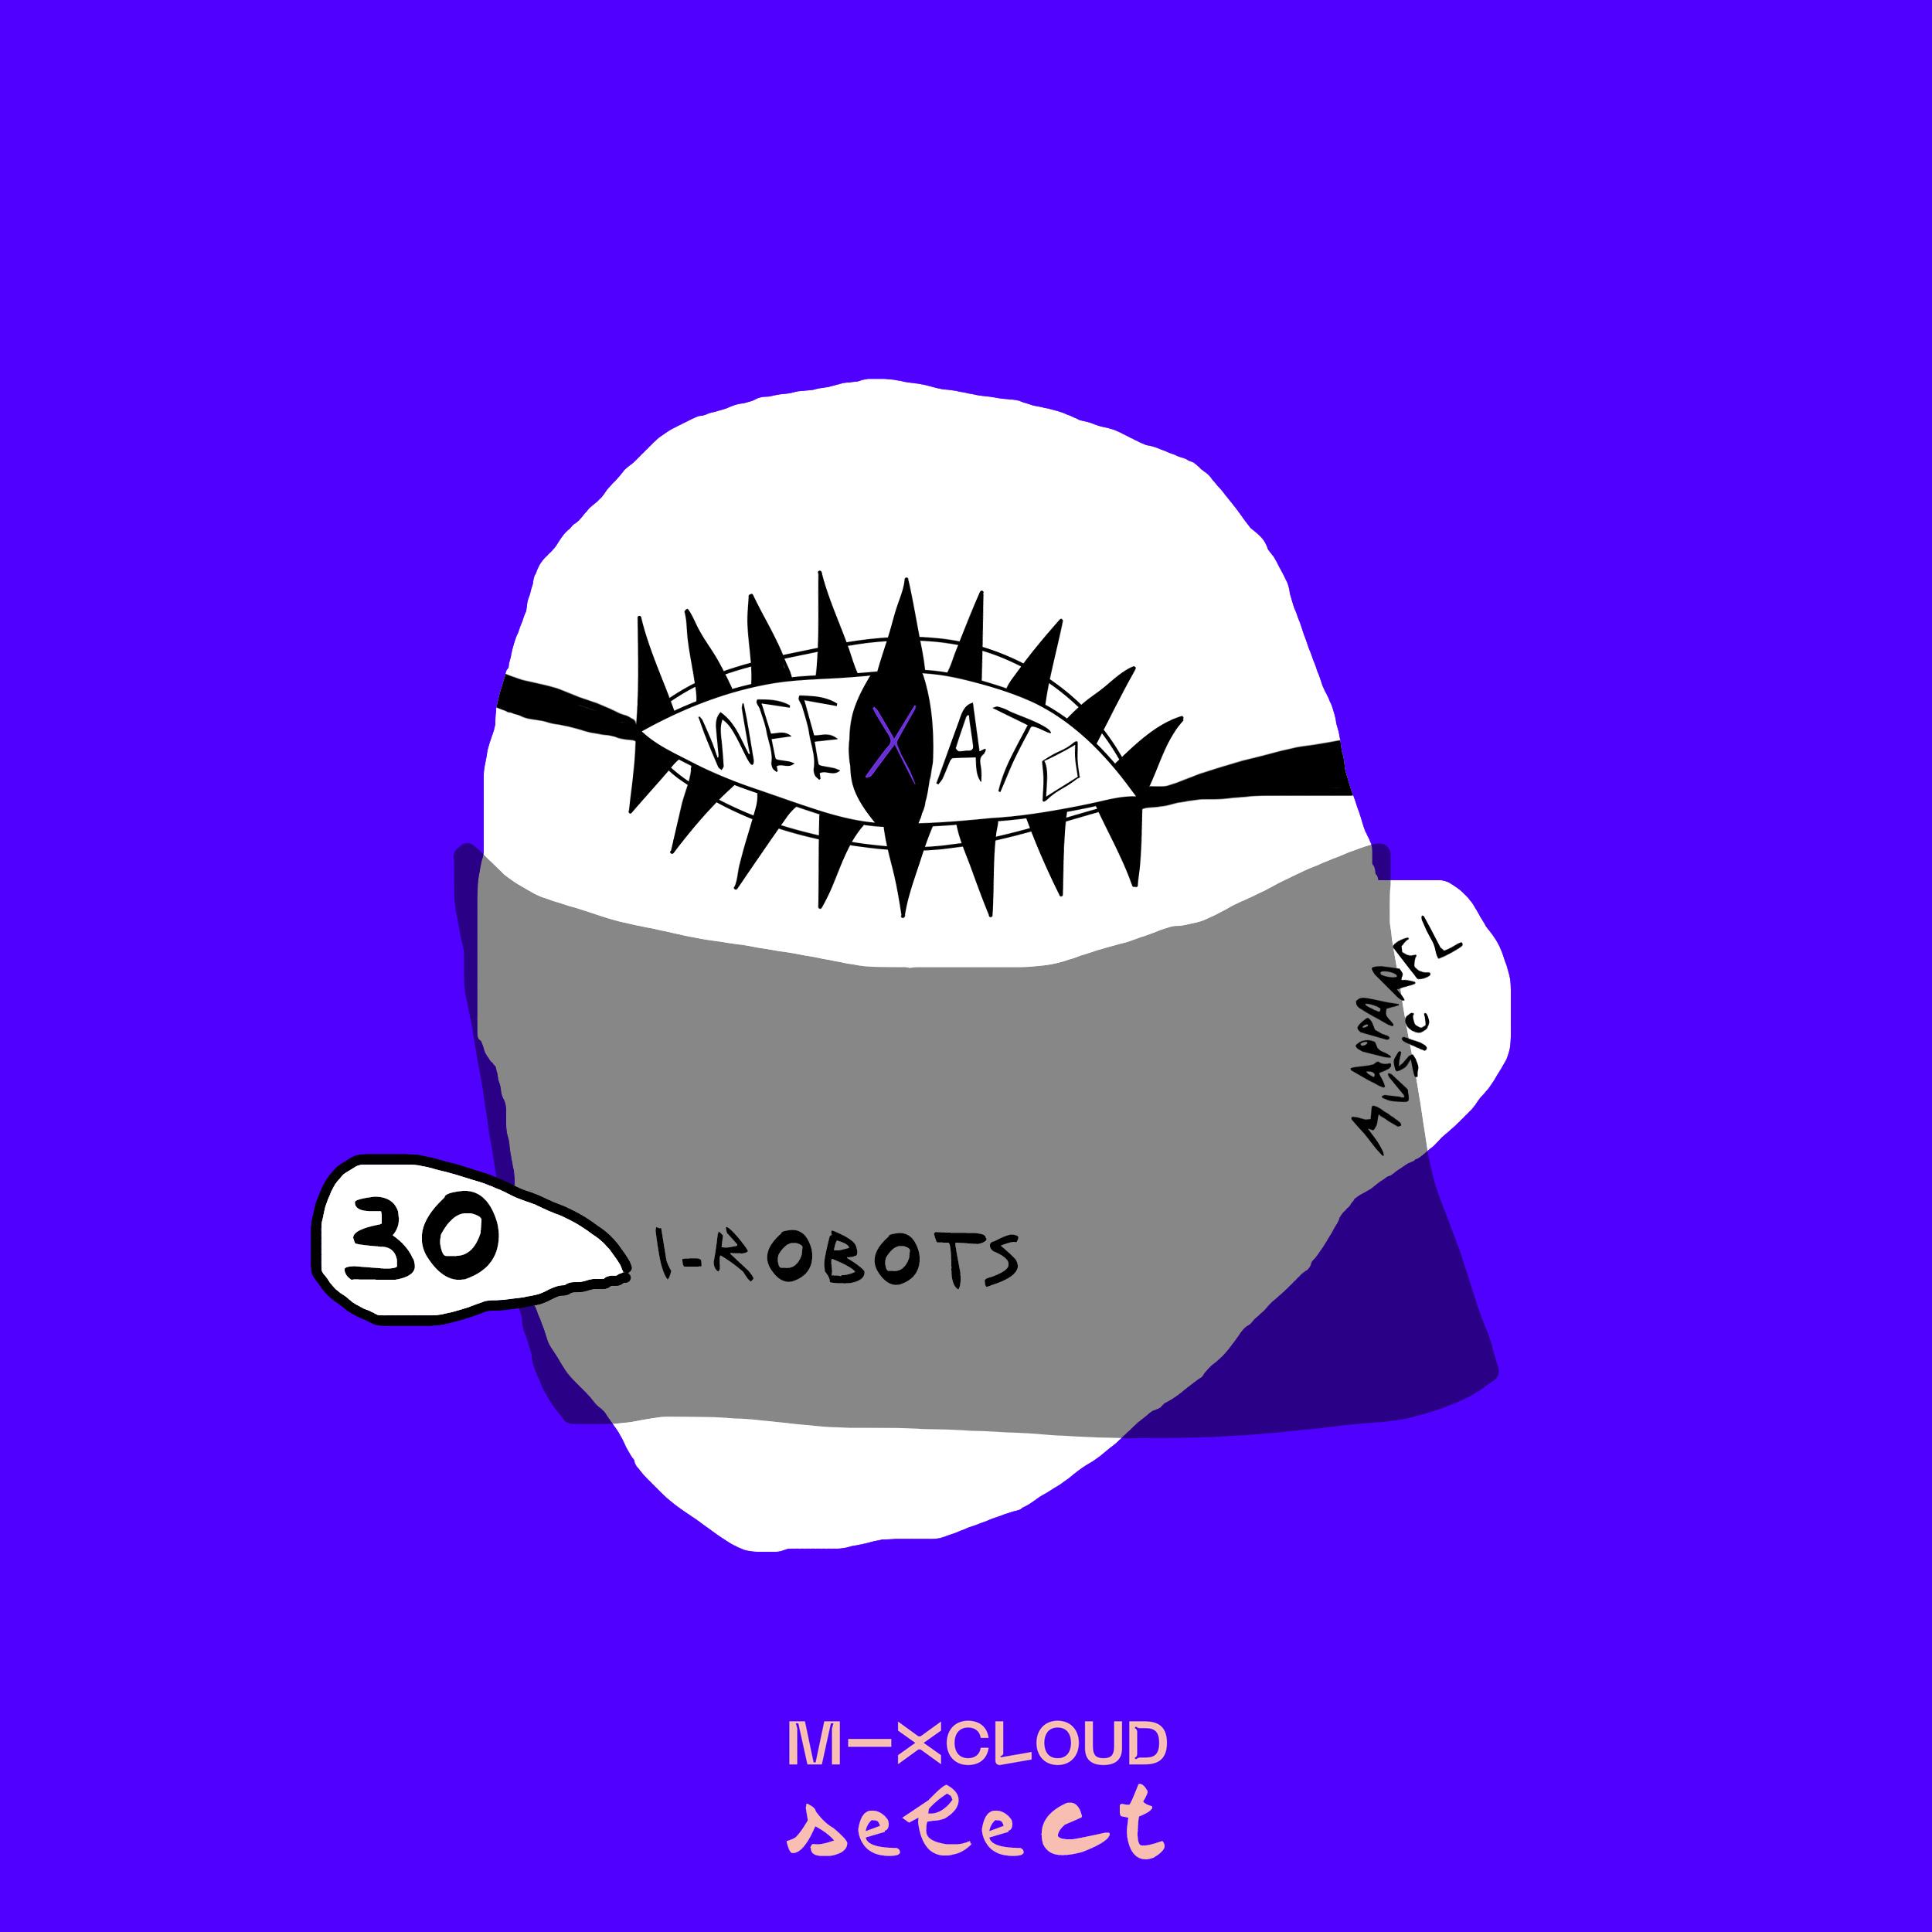 WEEXATO #030: I-Robots